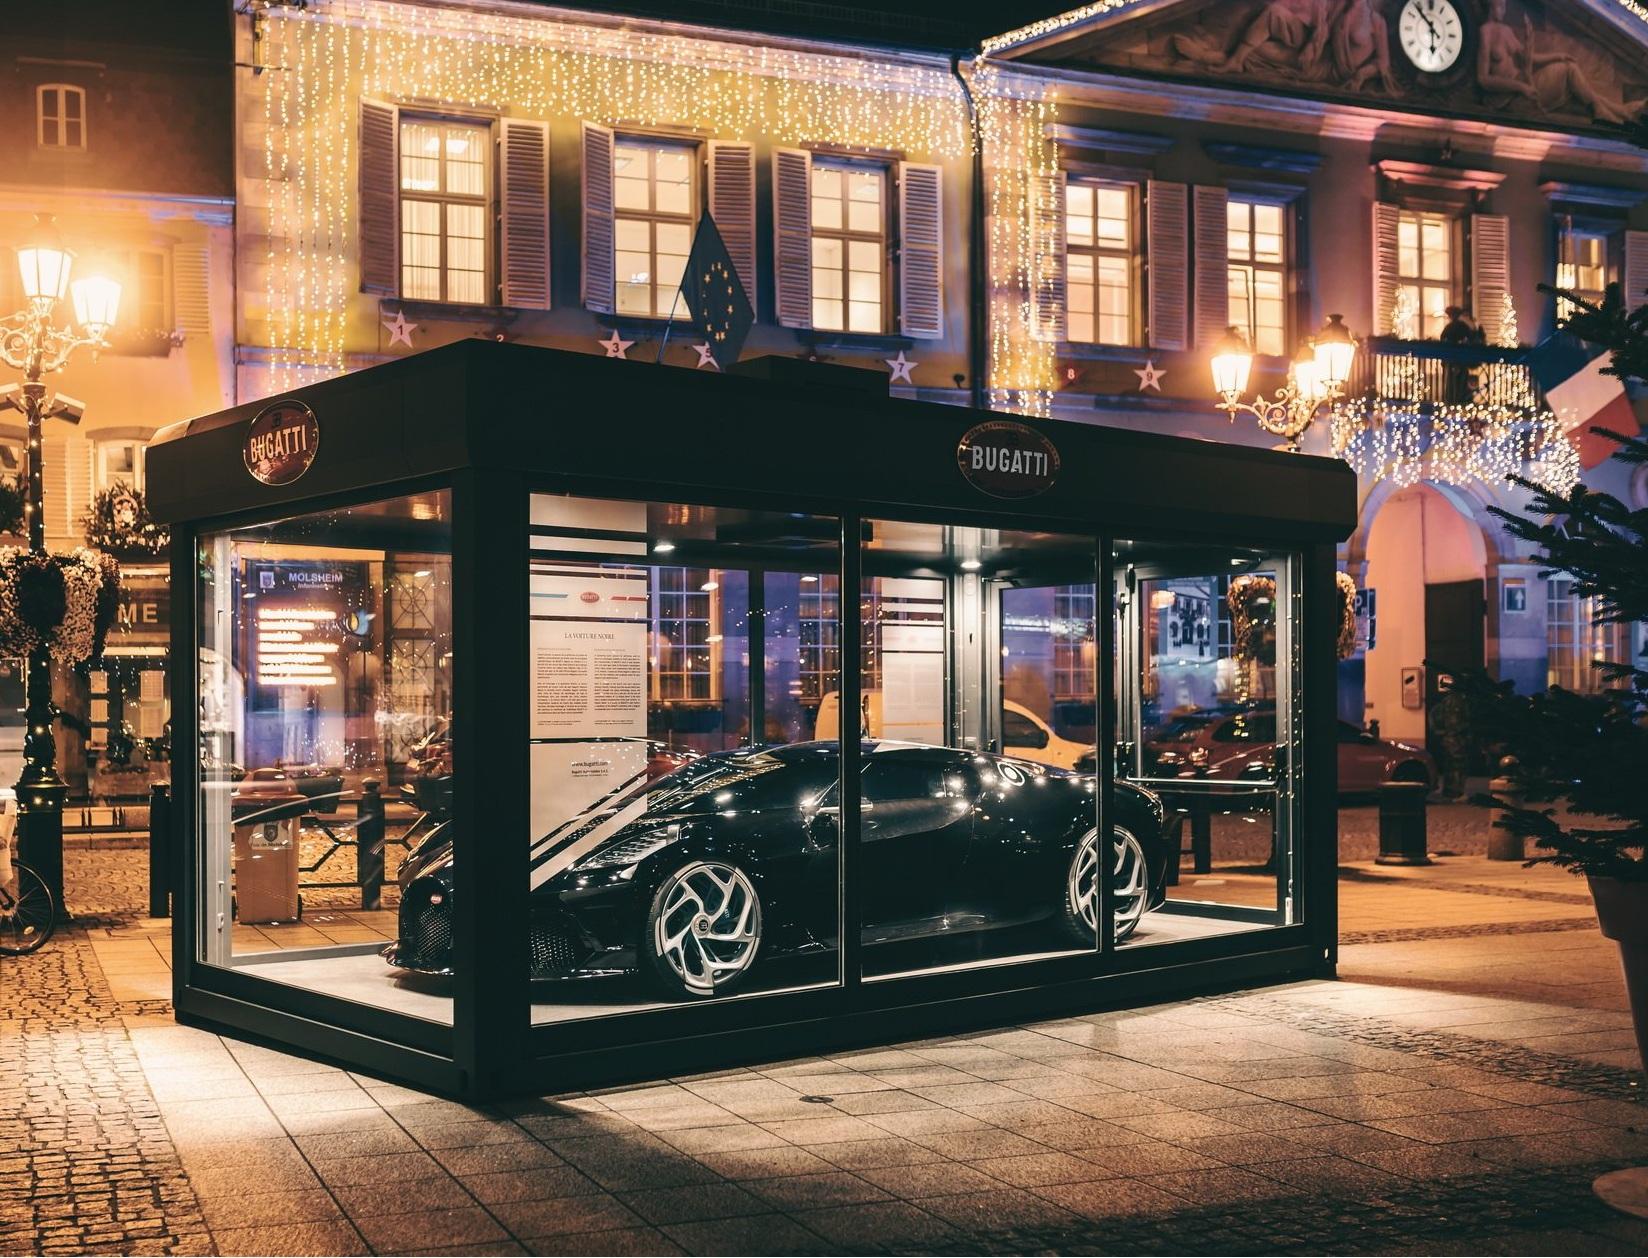 Самый дорогой авто в мире выставили на показ в ларьке на улице